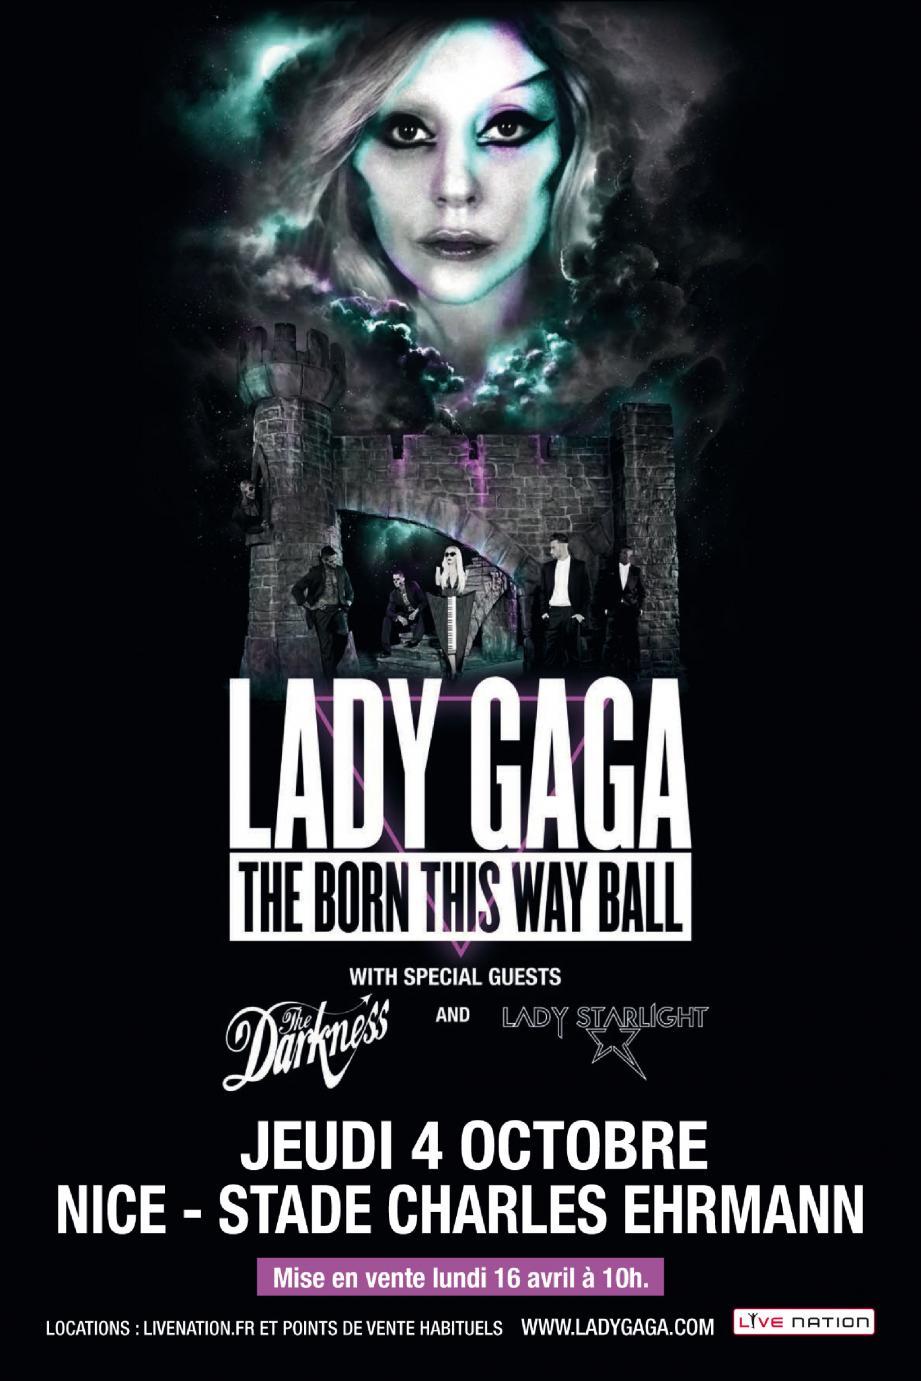 L'affiche de la prochaine tournée mondiale de Lady Gaga dont les dates ne seront officiellement dévoilées que ce matin à 10 heures.